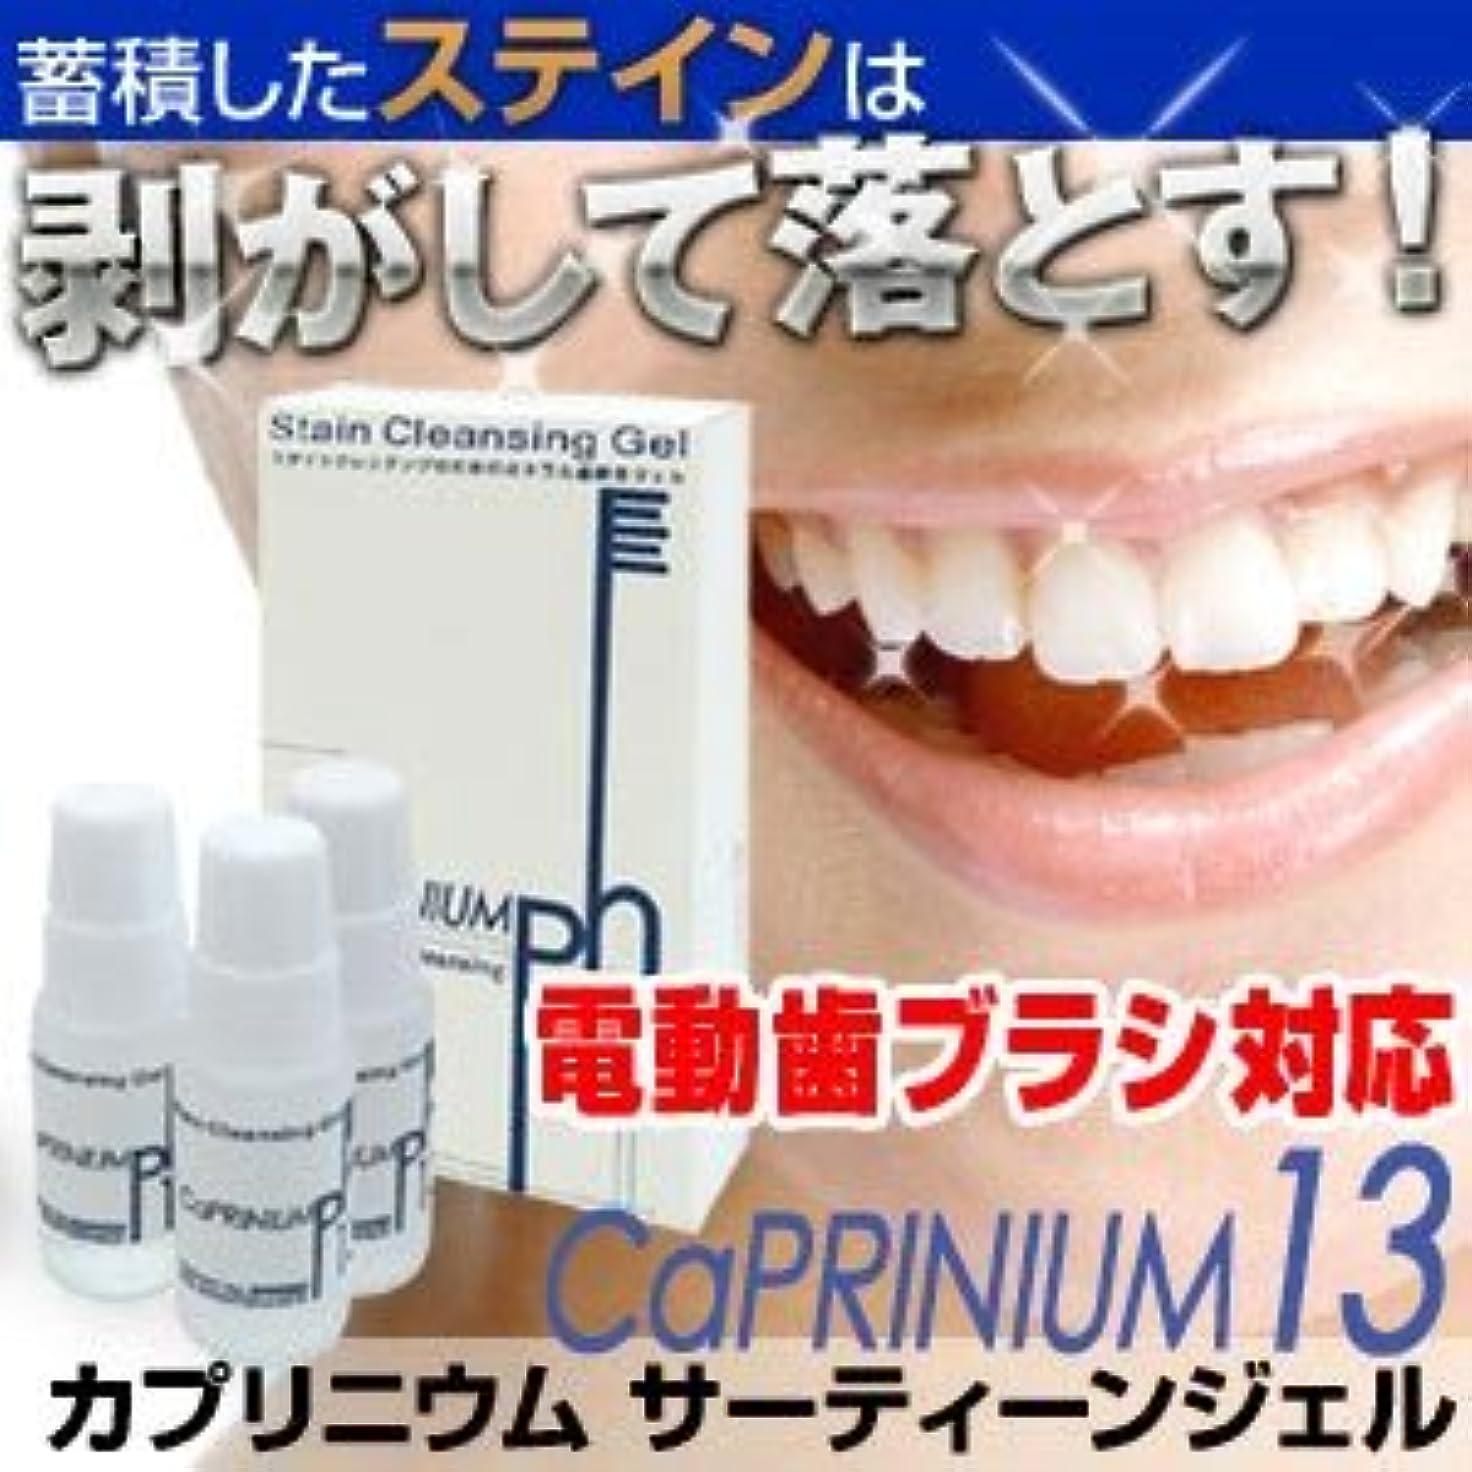 管理するスペシャリスト反射カプリニウム サーティーンジェル(CaPRINIUM 13) 新発想のホワイトニング歯磨きジェル